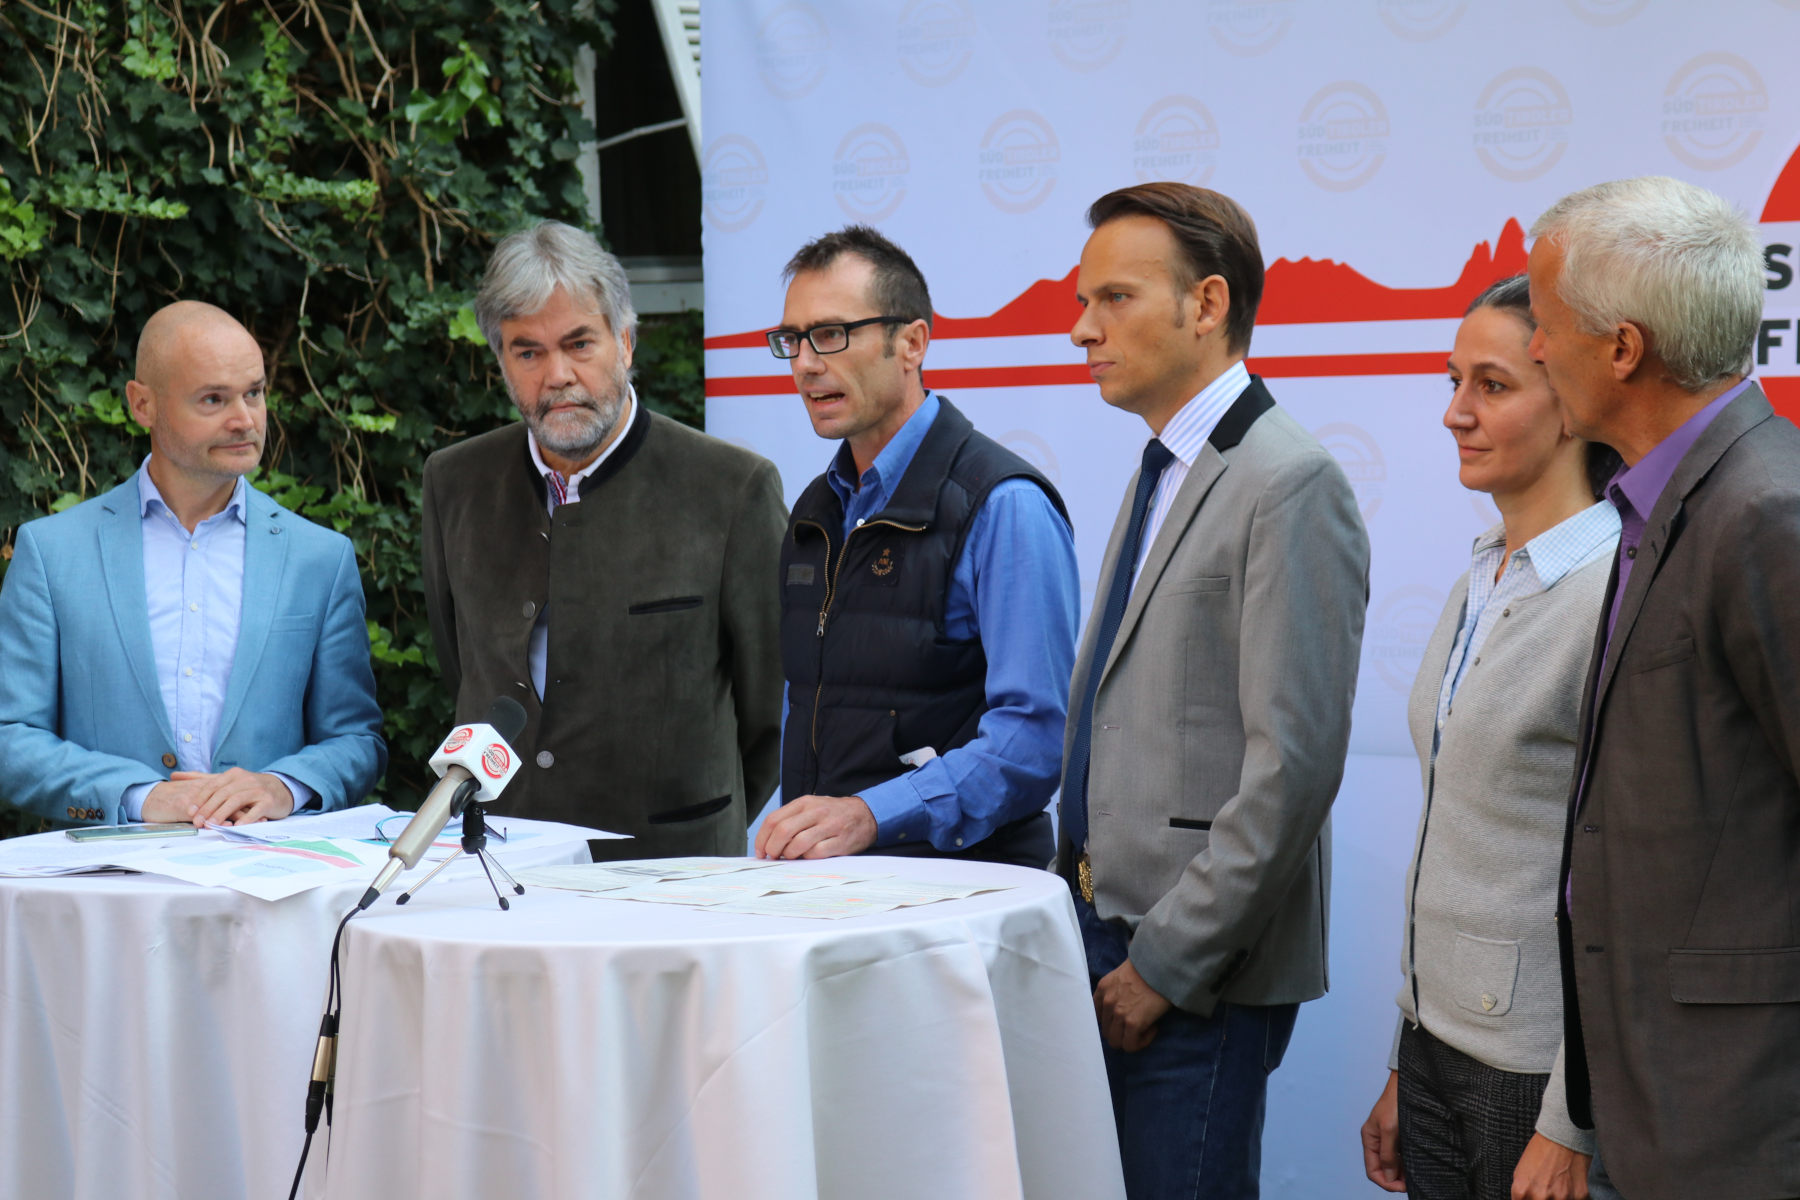 Impulse von zwei Ärzten auf der Liste der Süd-Tiroler Freiheit.Wir kurieren das Gesundheitswesen!